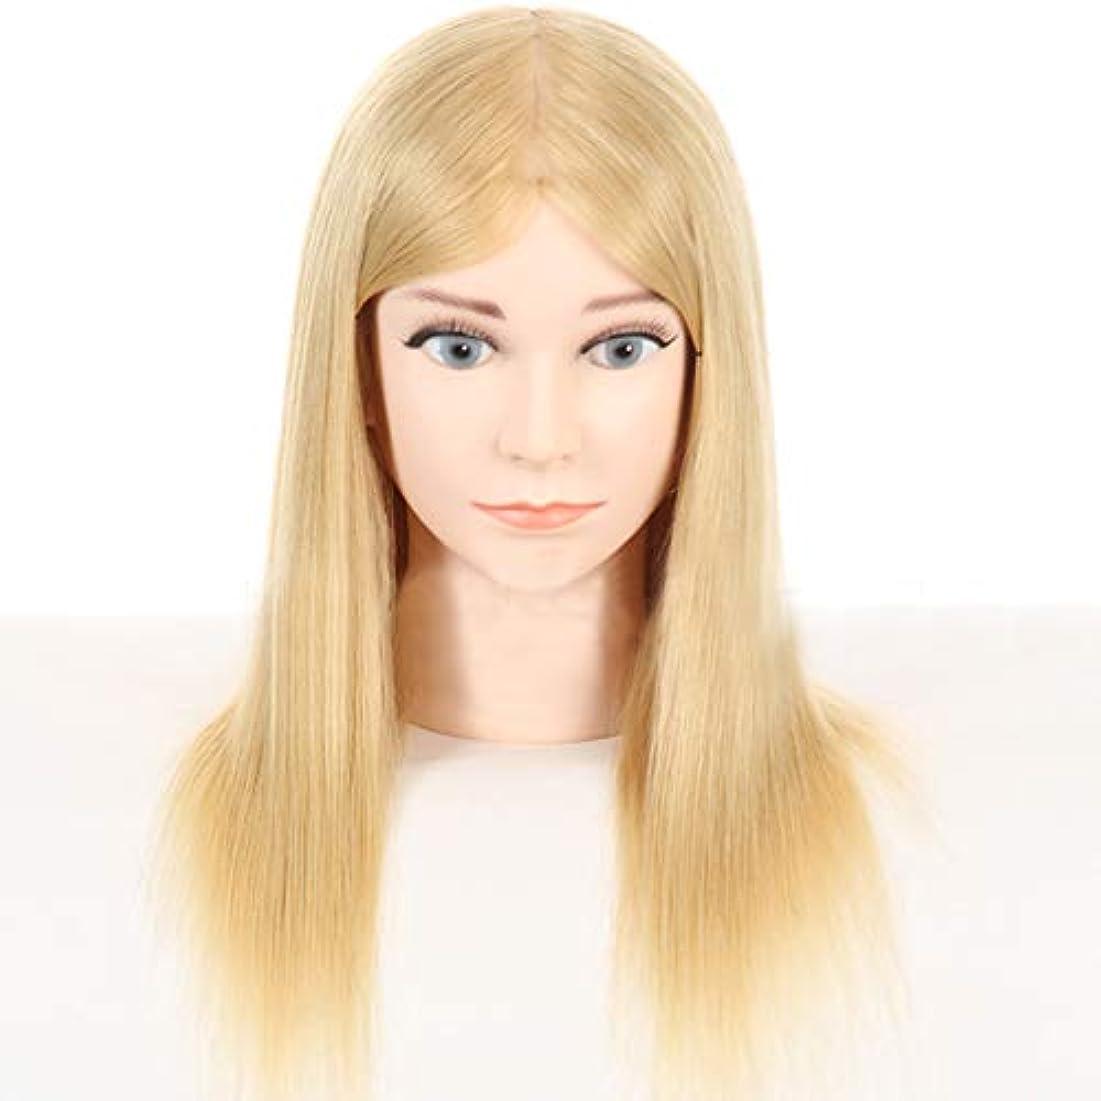 確執法王主本物の人間の髪のかつらの頭の金型の理髪の髪型のスタイリングマネキンの頭の理髪店の練習の練習ダミーヘッド